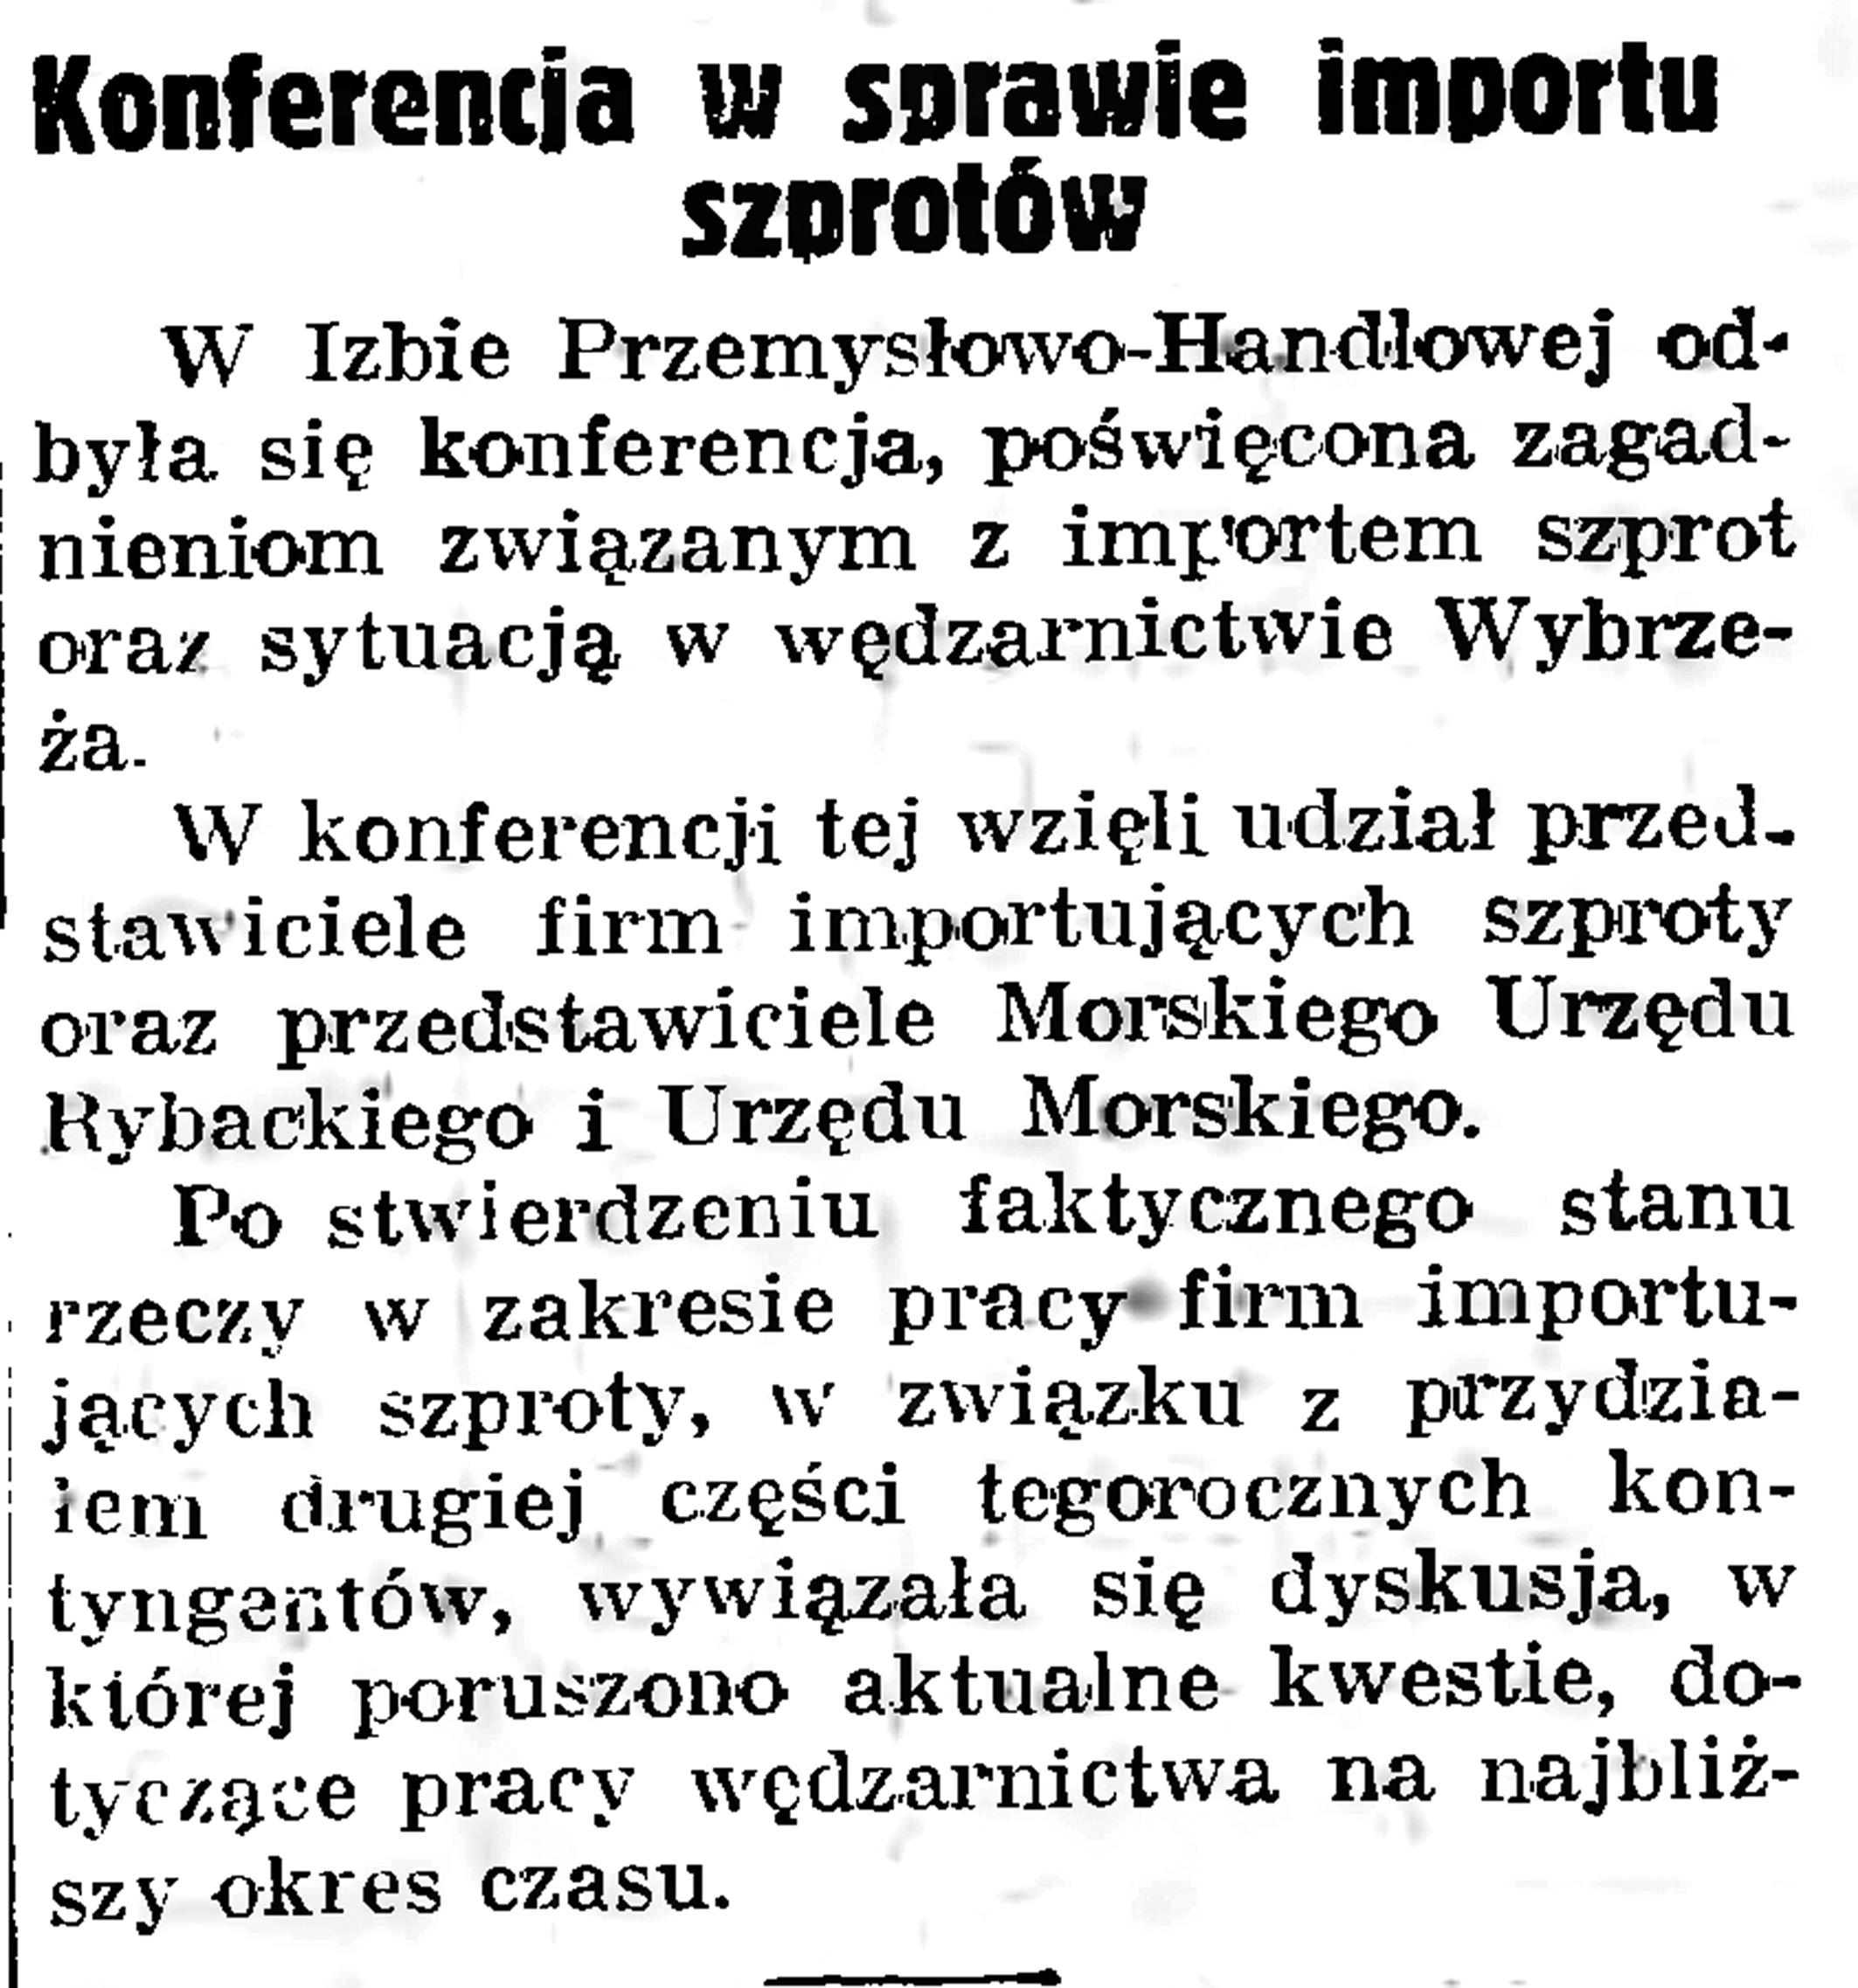 Konferencja w sprawie importu szprotów // Gazeta Gdańska. - 1935, nr 12, s. 12